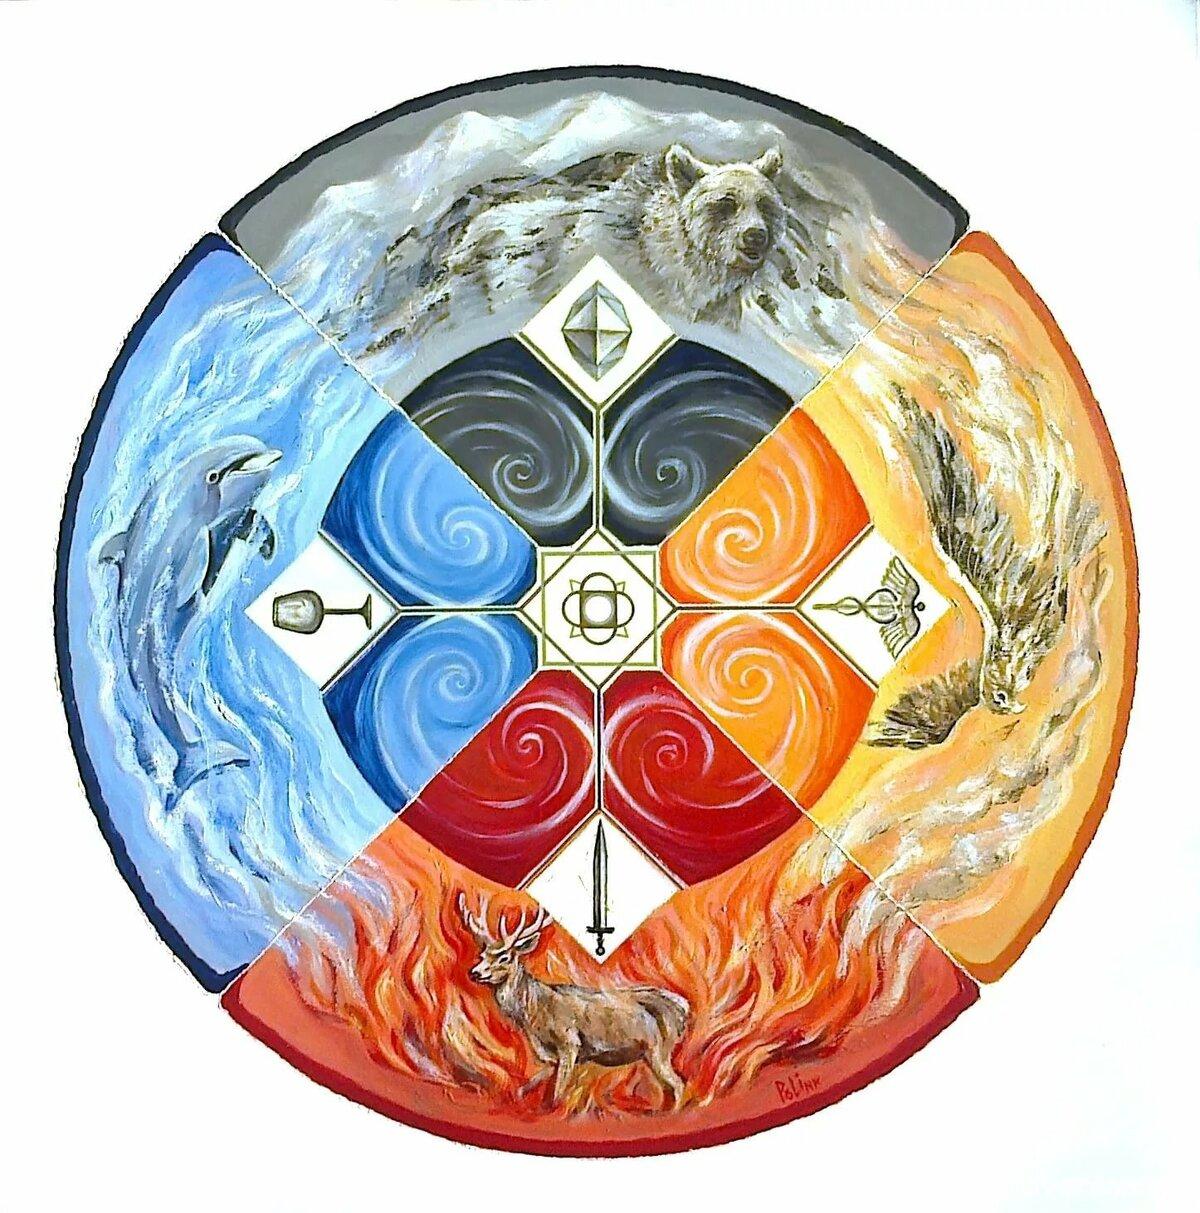 Картинки четырех стихий вода земля огонь воздух